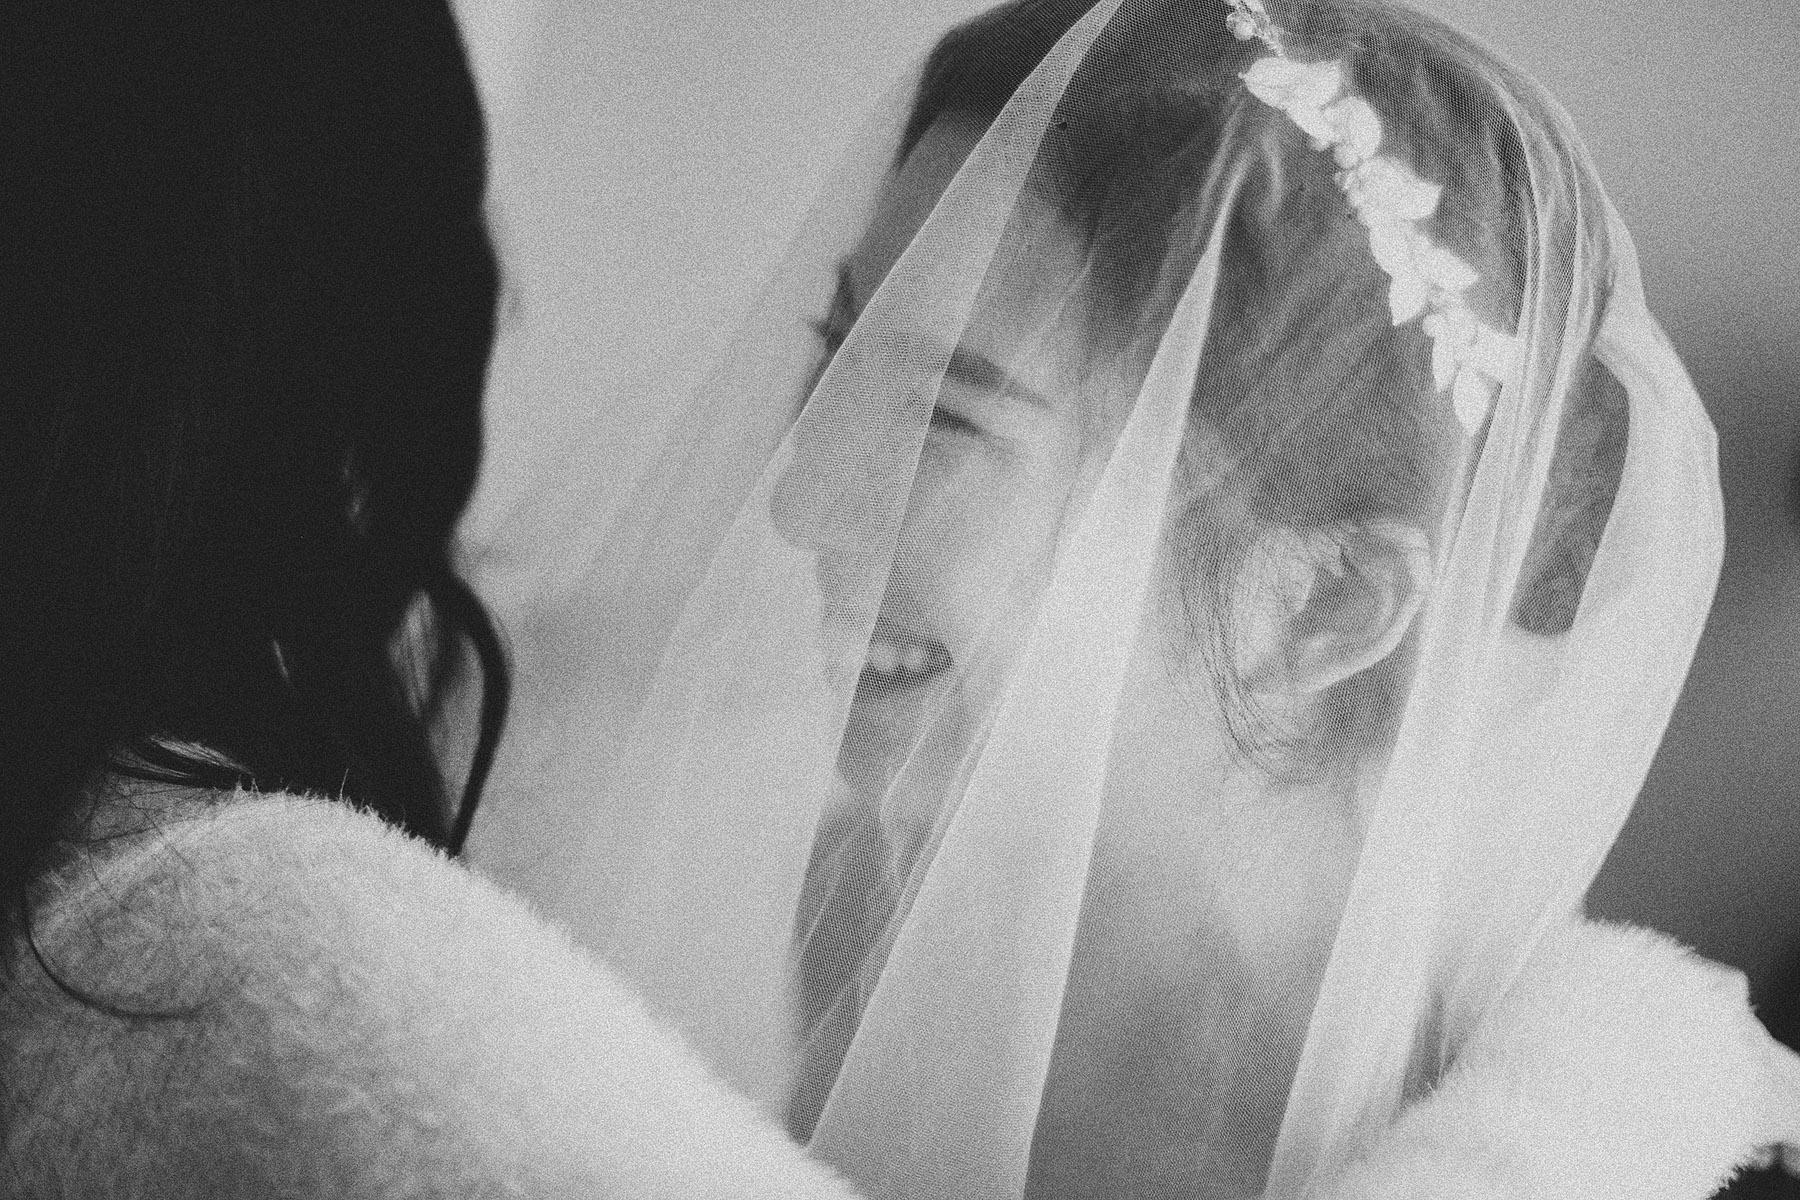 底片婚攝,婚禮攝影,電影風格,台北婚攝推薦,婚攝,婚禮紀錄,底片風格,黑白,擁抱